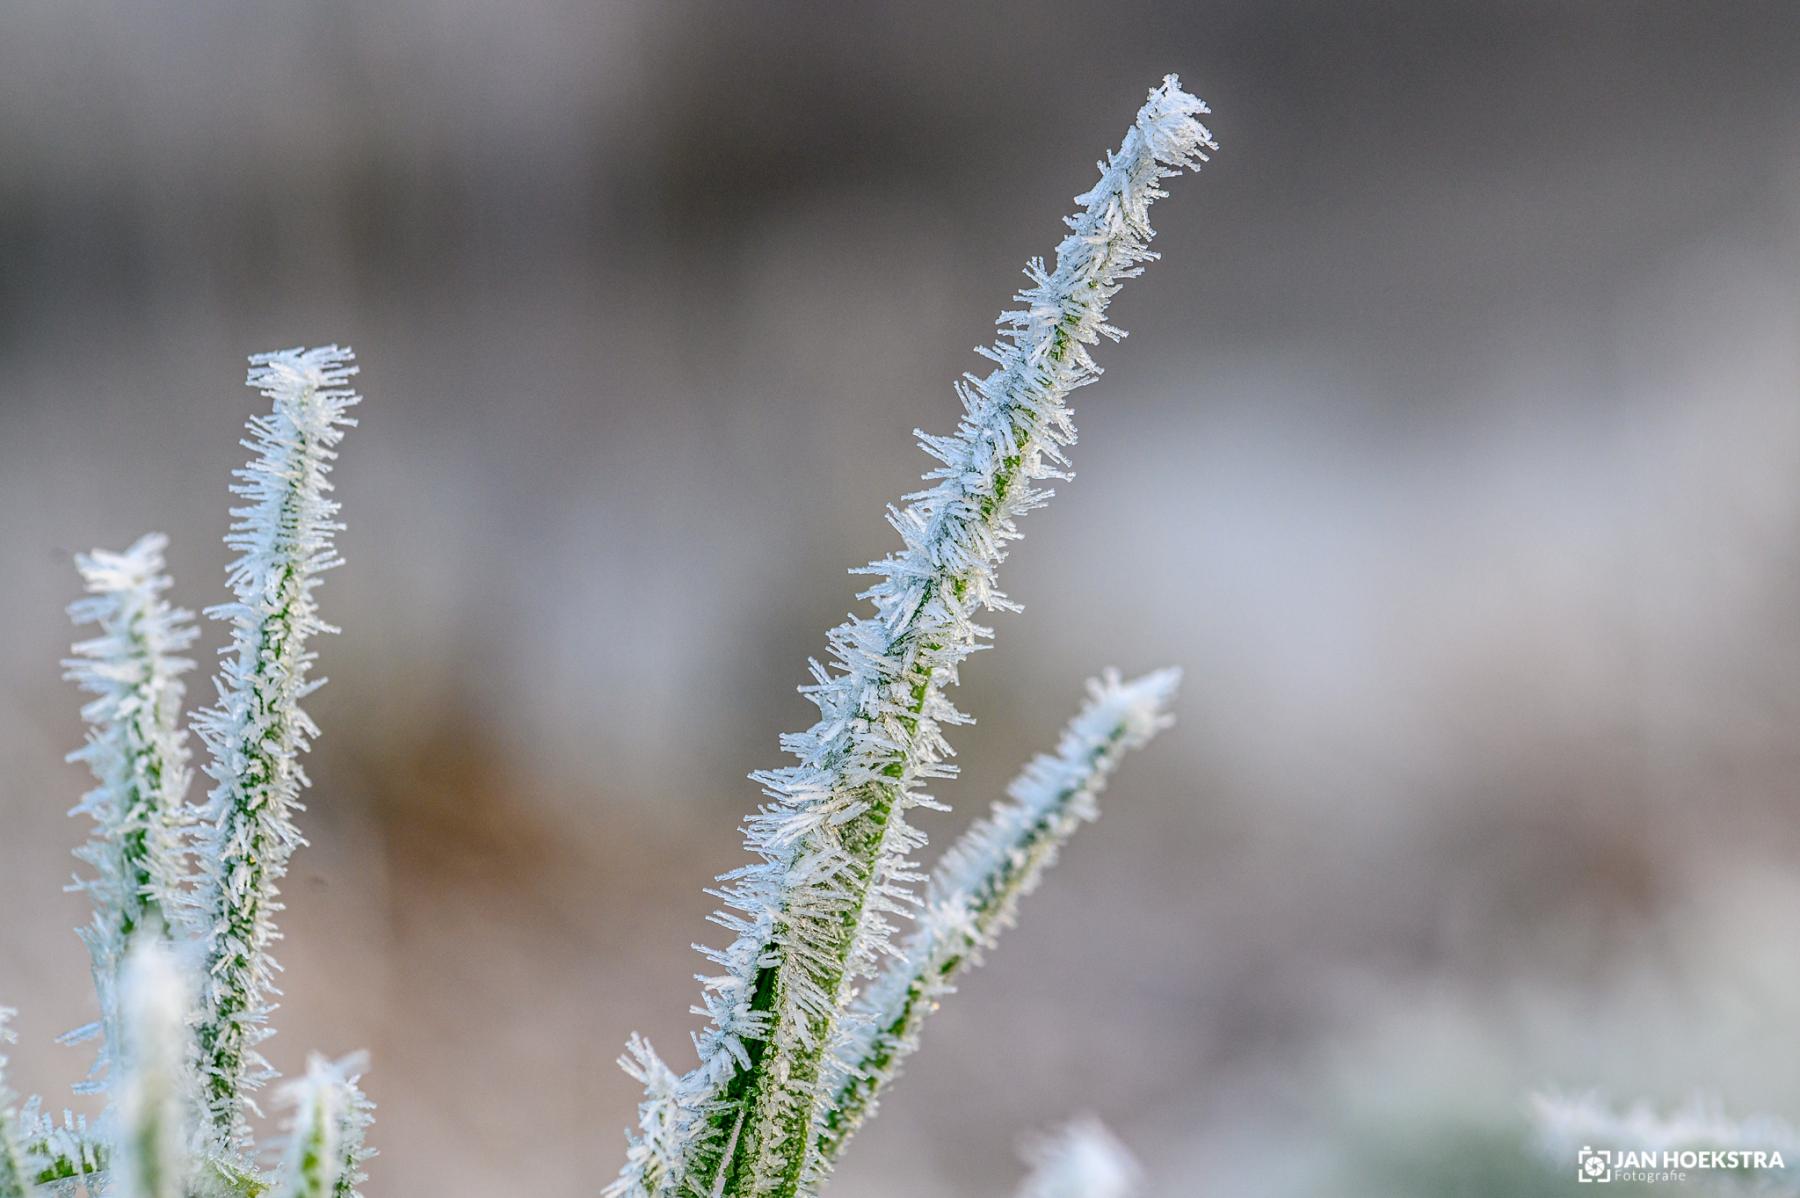 Jan Hoekstra - Winter - 01